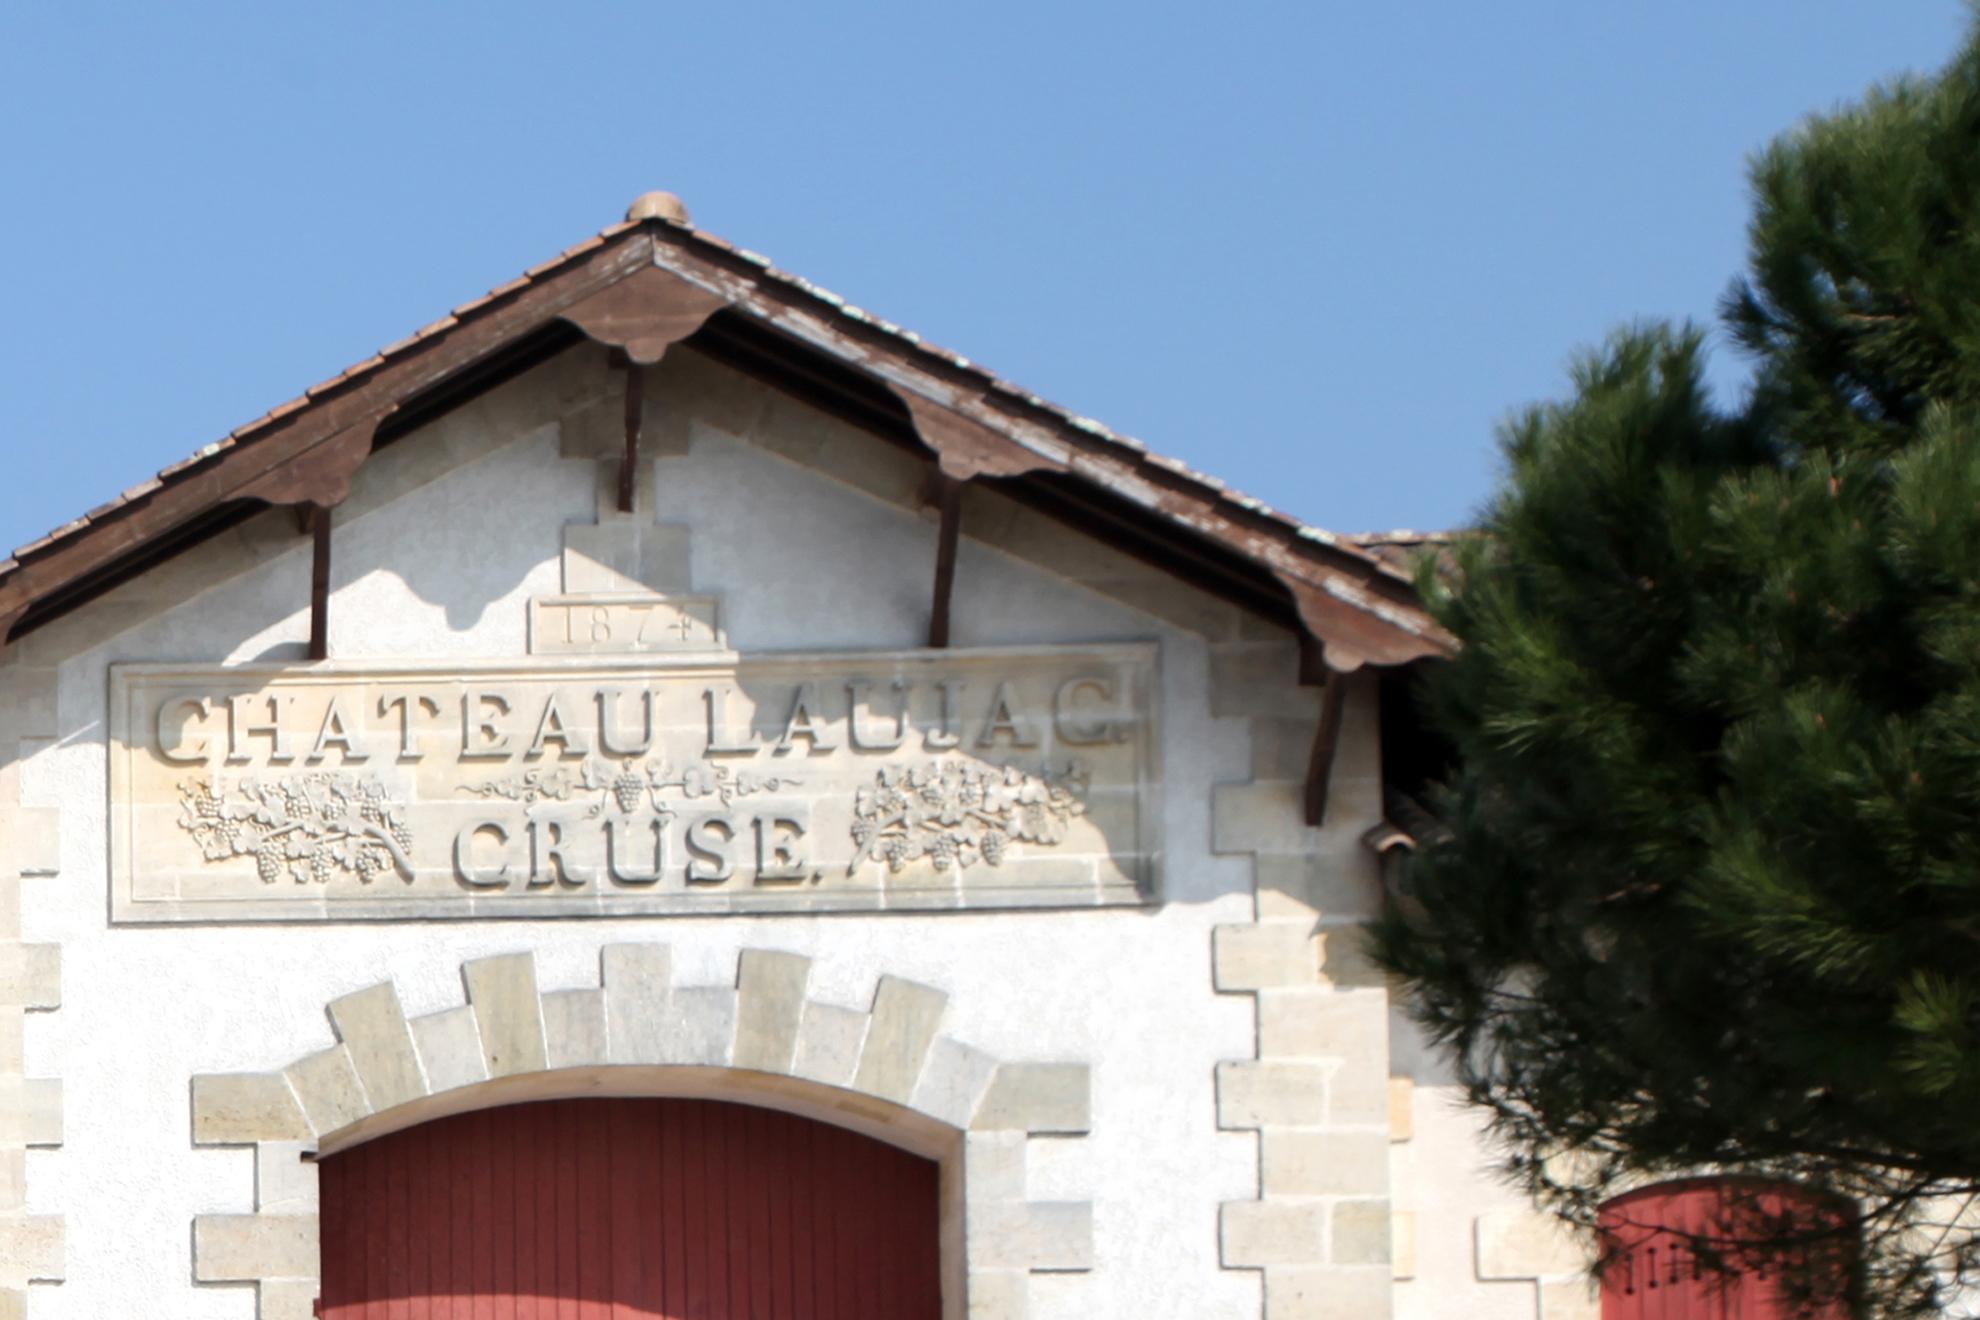 Laujac古堡,位于Medoc产区,1874年由Cruse家族购入,是家族现在手中历史最长的酒庄